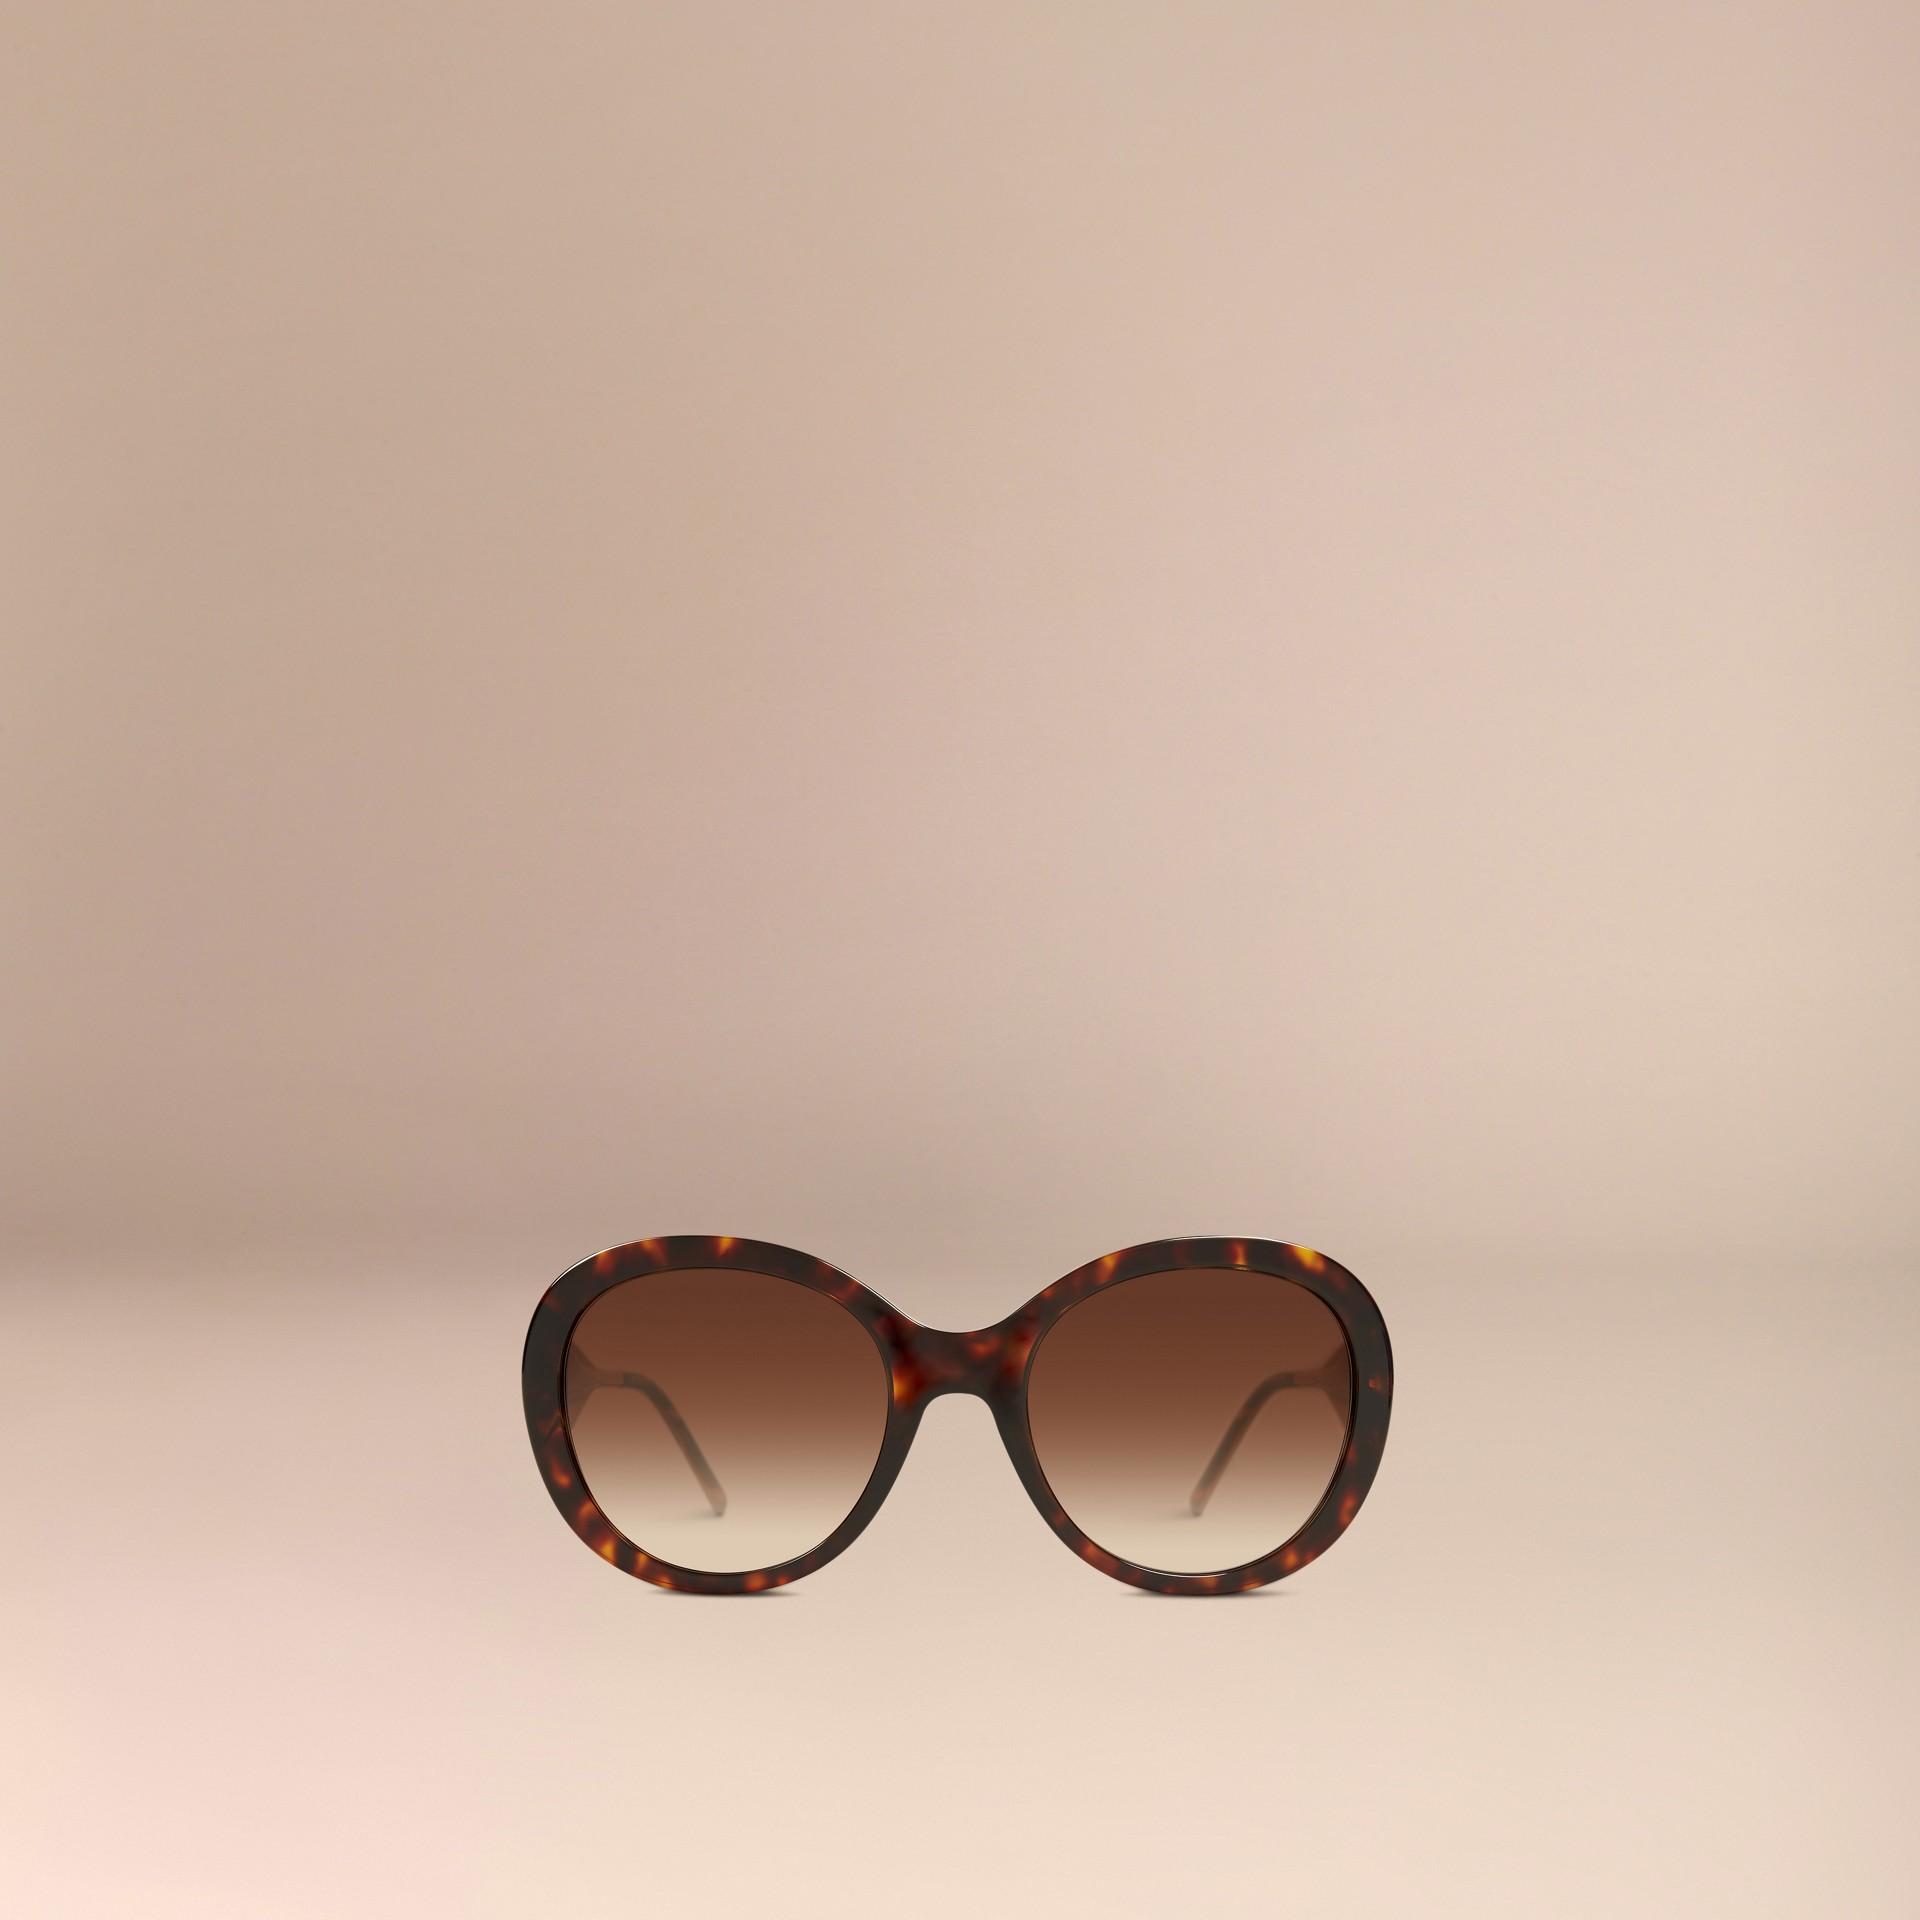 Ebony Gabardine Collection Oversize Round Frame Sunglasses Ebony - gallery image 3